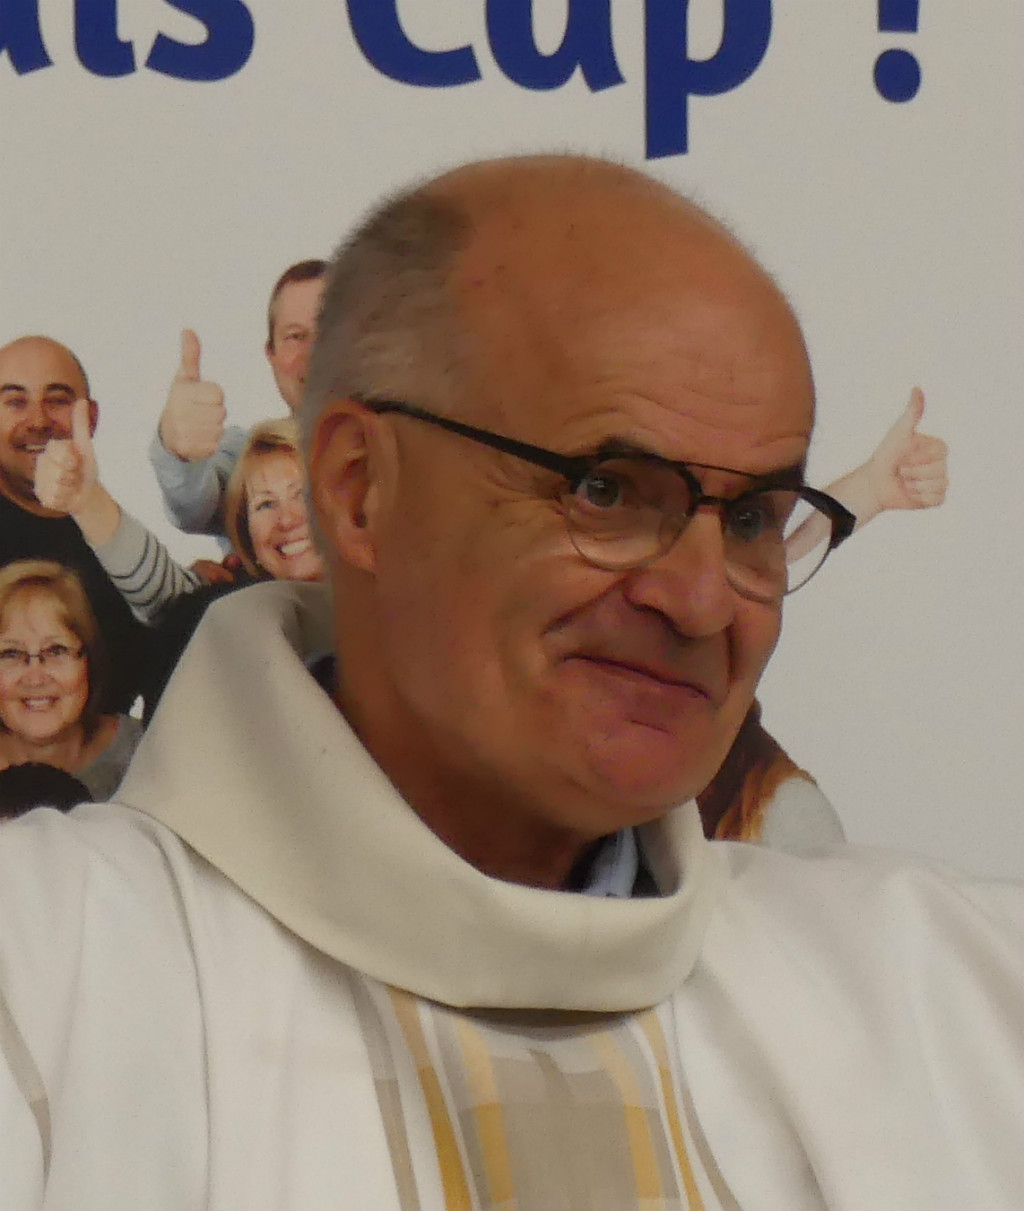 Pierre Bedfert